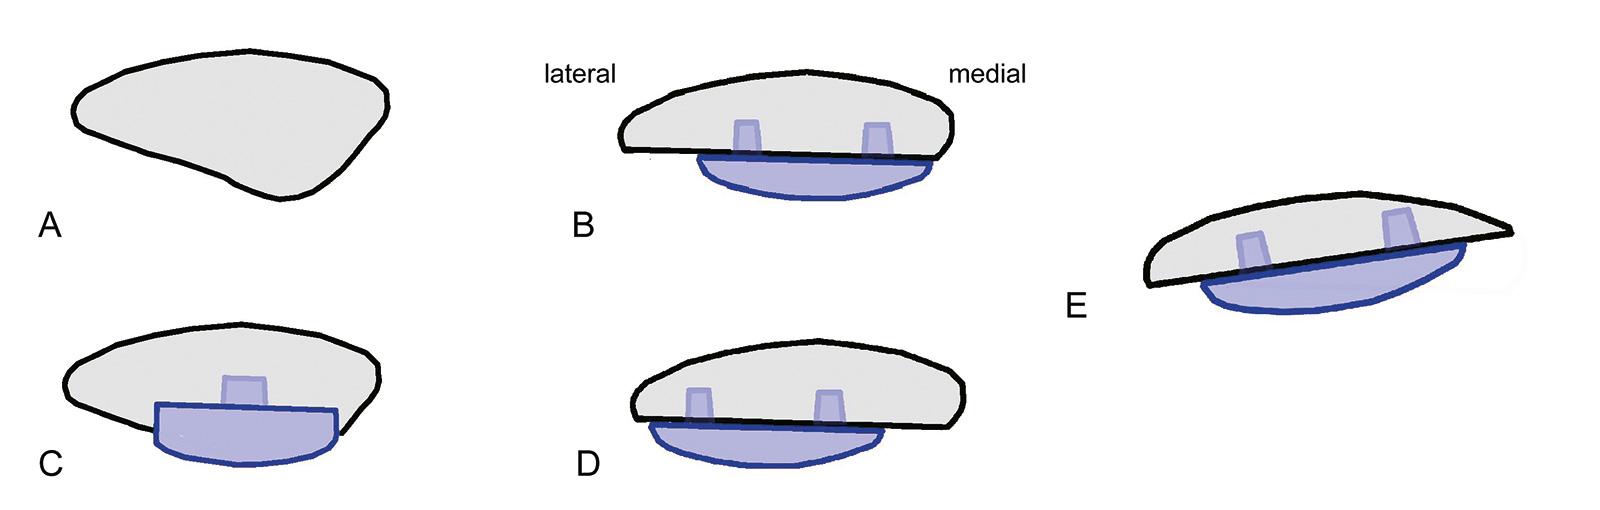 Abb. 1-45: Patellarückflächenersatz (A): Inlay-Technik (C) und Onlay-Technik (B,D,E). Die Medialisierung der Patella (B) ist günstiger als eine laterale Ausrichtung (D) der Patellakomponente. Eine asymmetrische Patellaresektion sollte in jedem Fall vermie